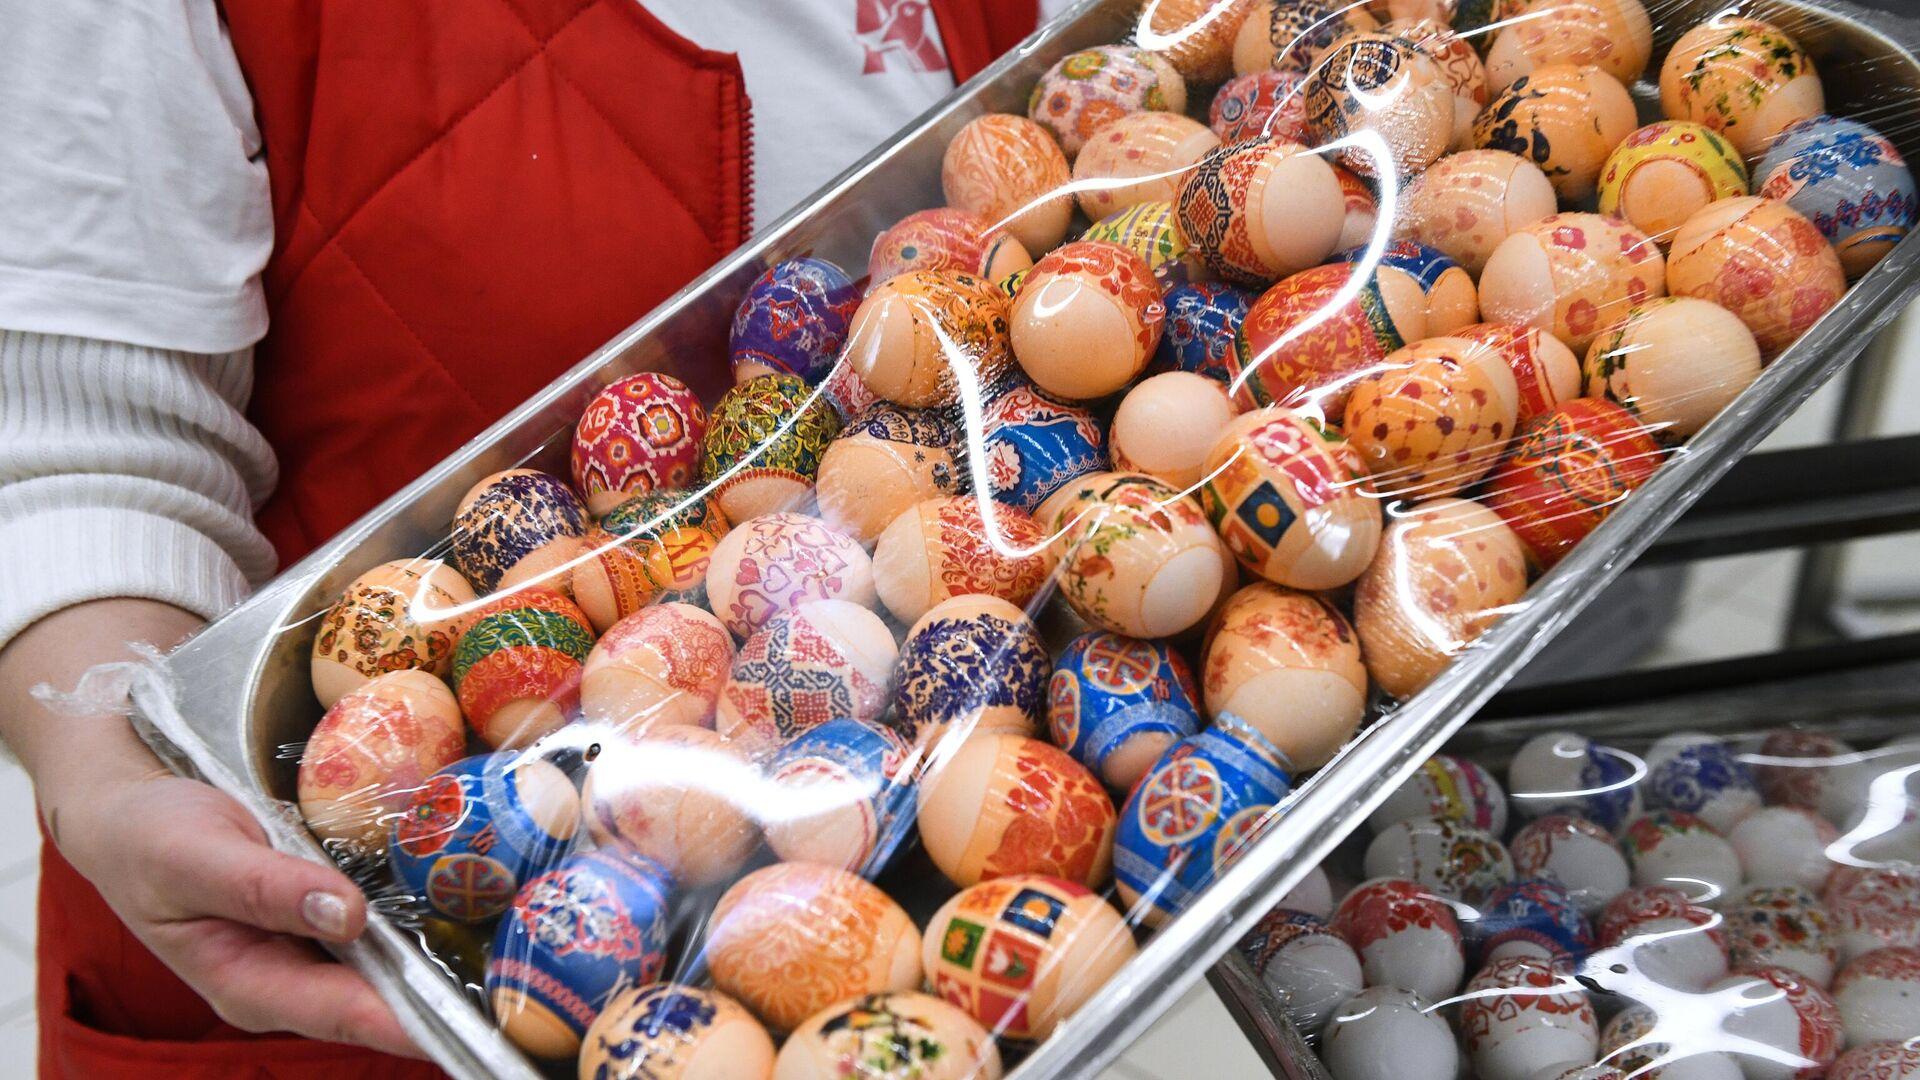 Пасхальные яйца в гипермаркете Ашан - РИА Новости, 1920, 03.05.2021